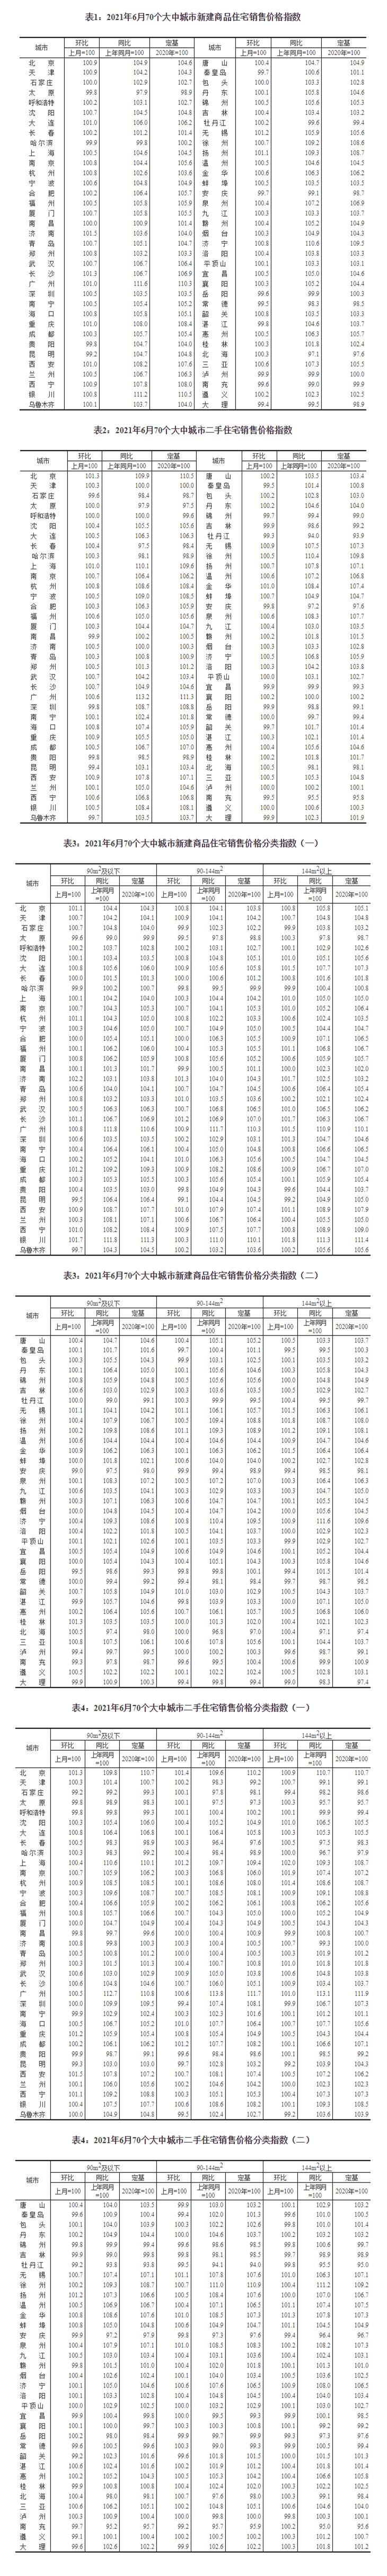 国家统计局:2021年6月份商品住宅销售价格涨幅稳中有落